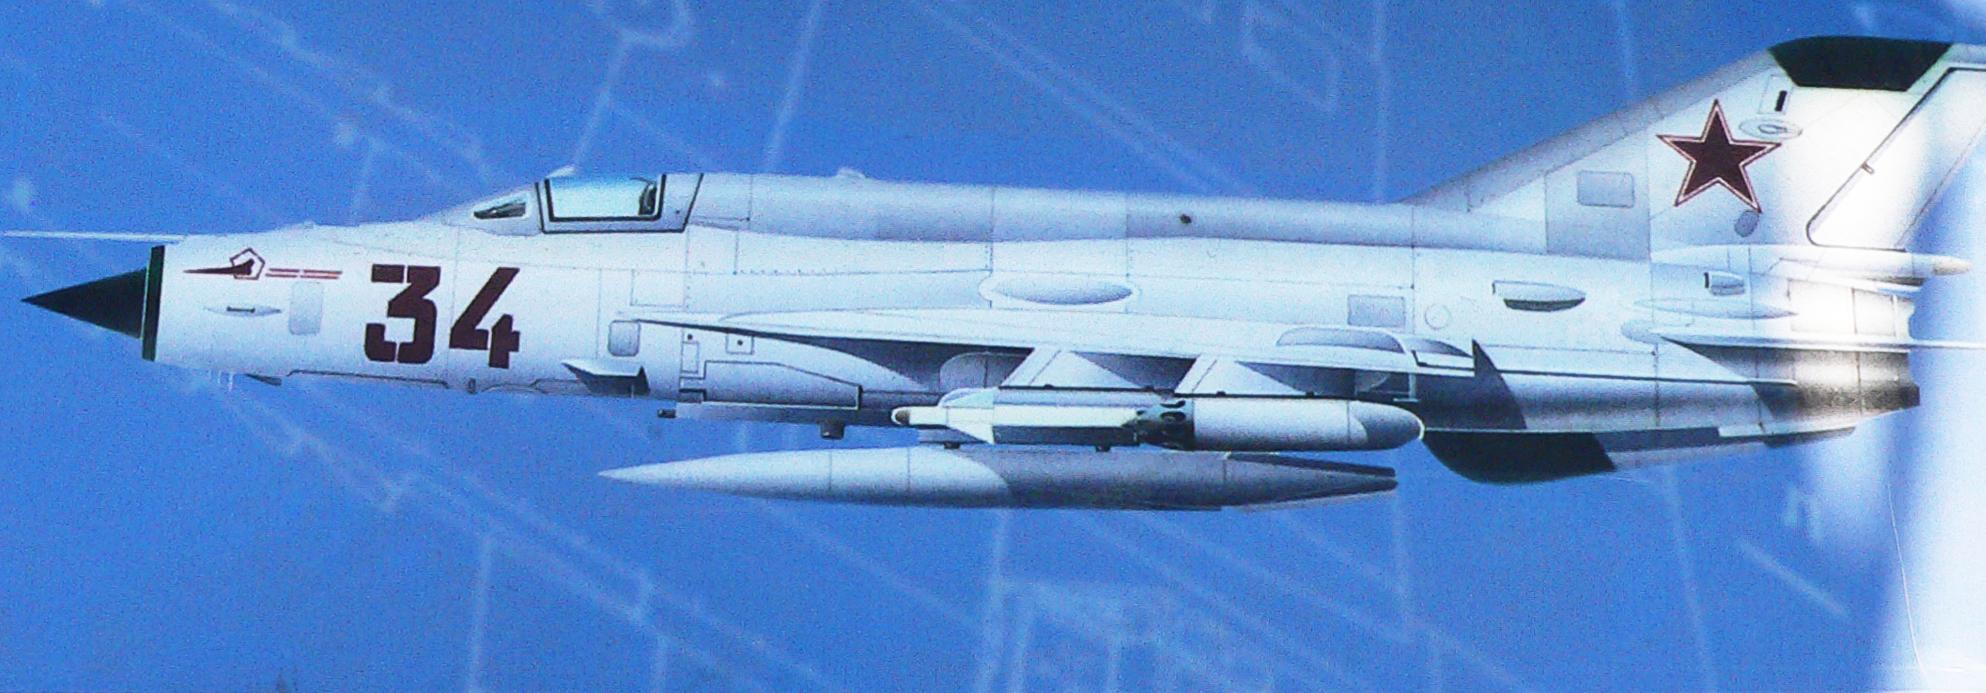 Фотография-самолета-МиГ21